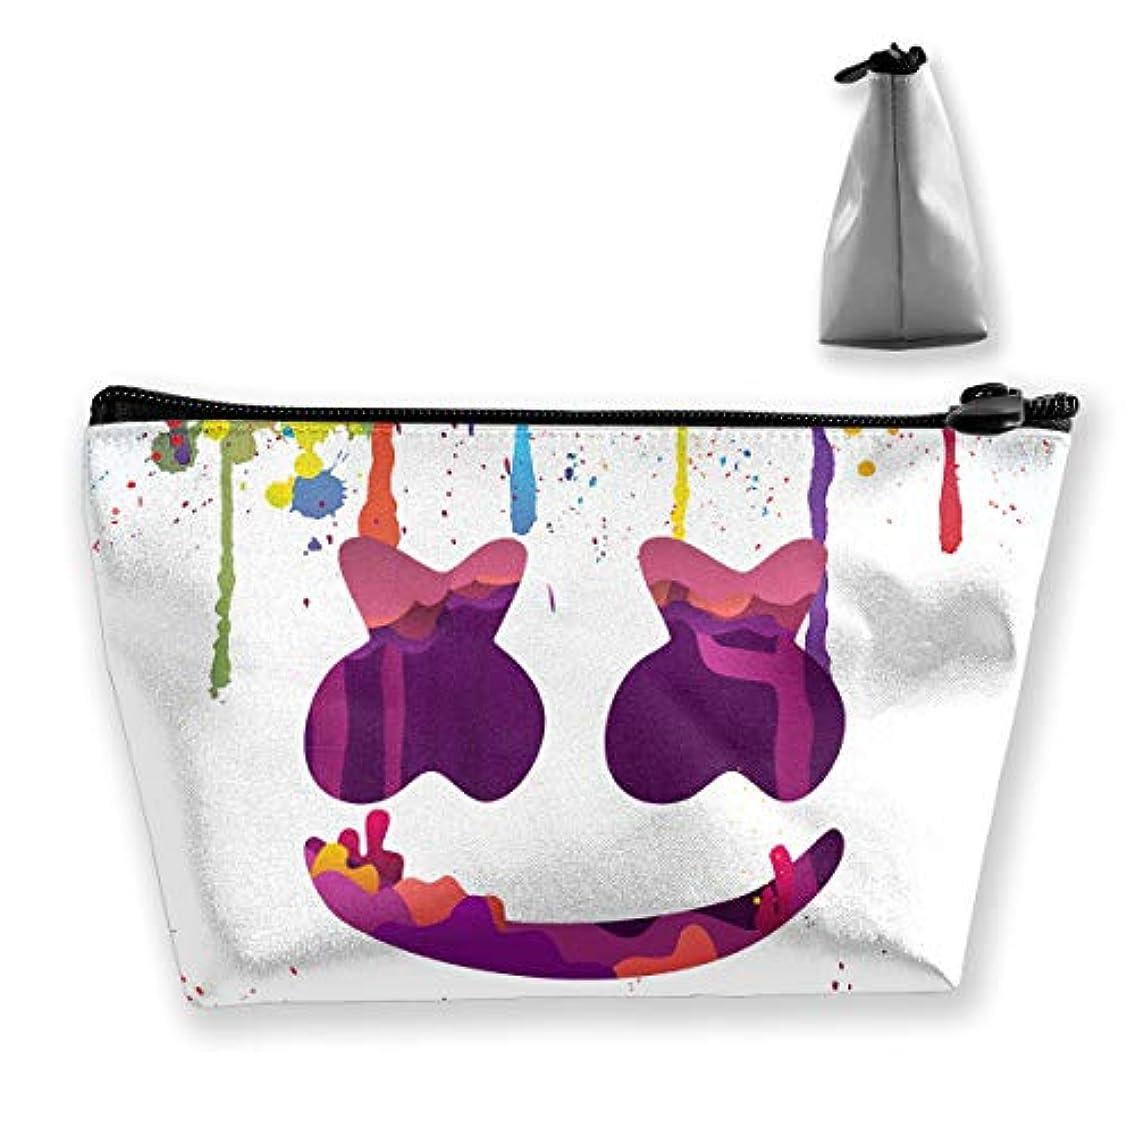 定規ピクニックをする配置Marshmello 台形 化粧ポーチ メイクポーチ コスメポーチ 化粧品収納 軽い 防水 便利 小物入れ 携帯便利 多機能 バッグ